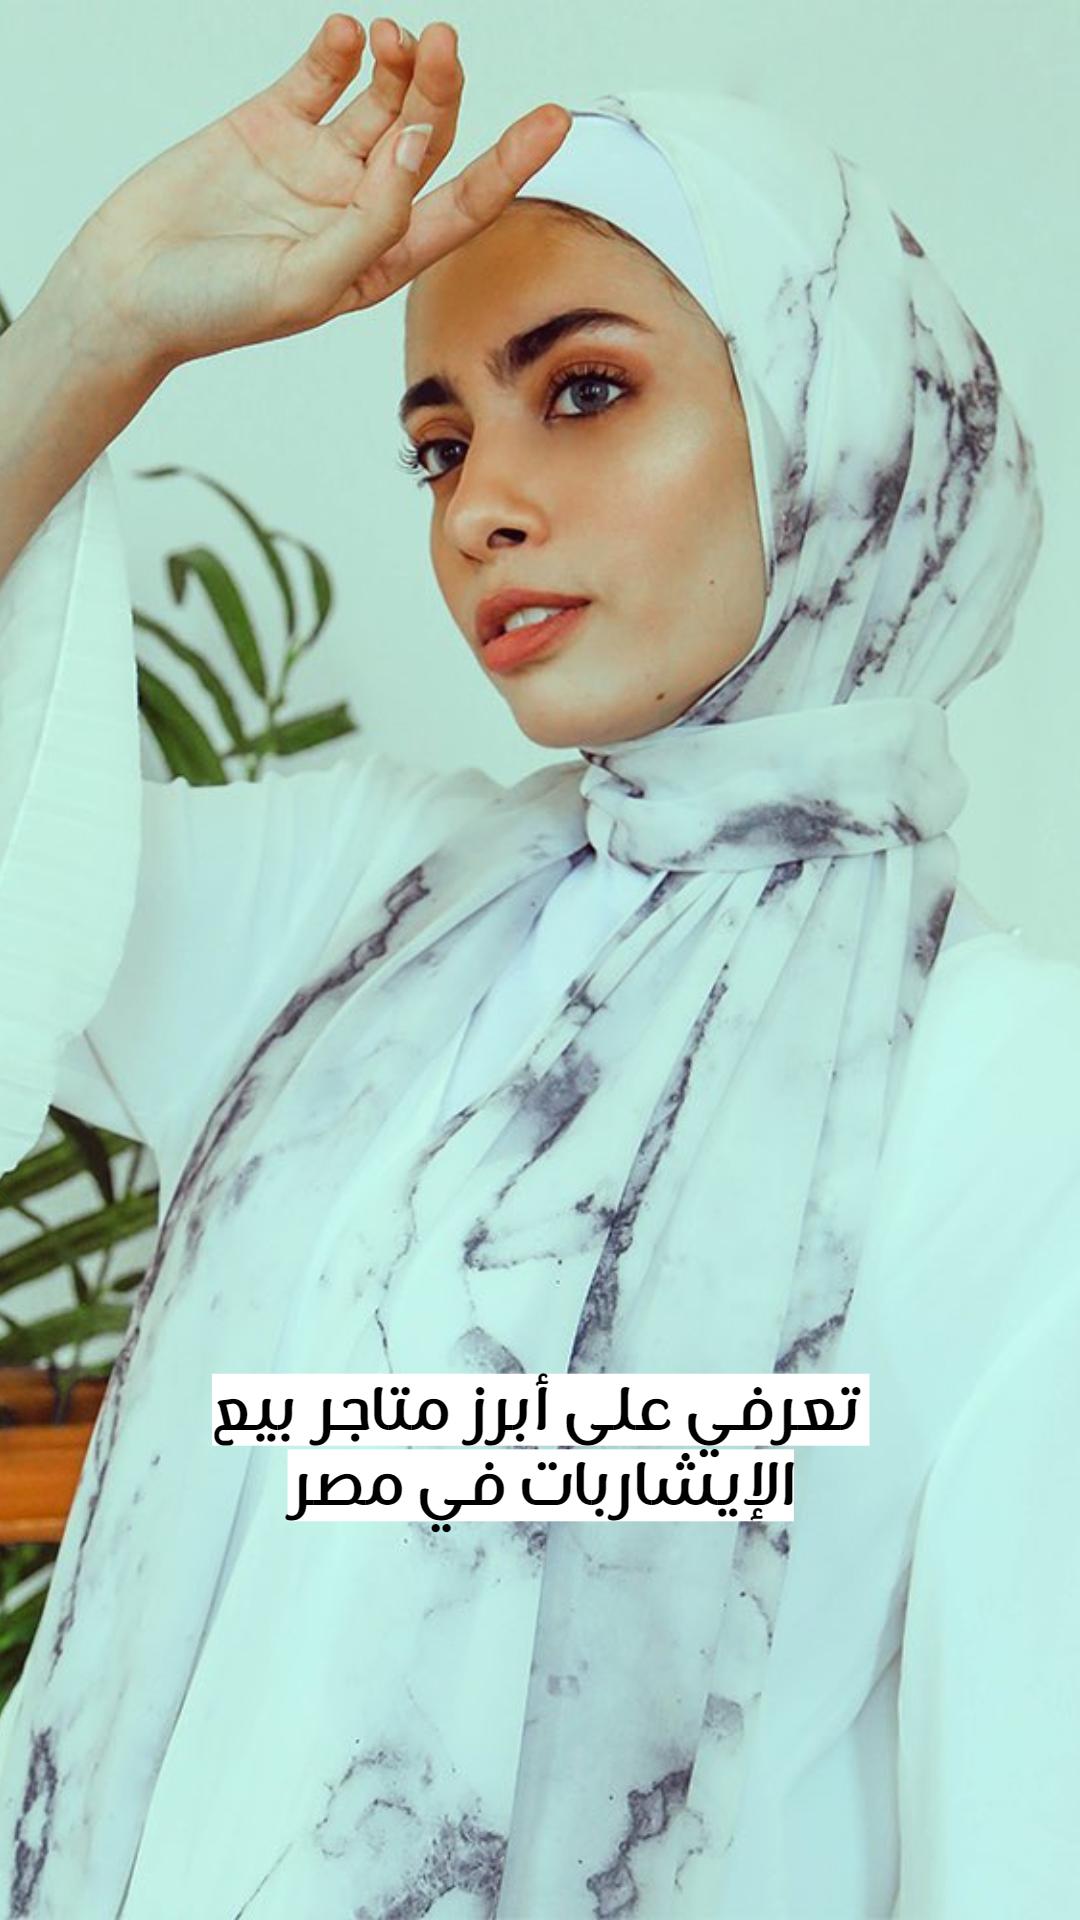 تعرفي على أبرز متاجر بيع الإيشاربات في مصر Fashion Hijab Cooking Recipes